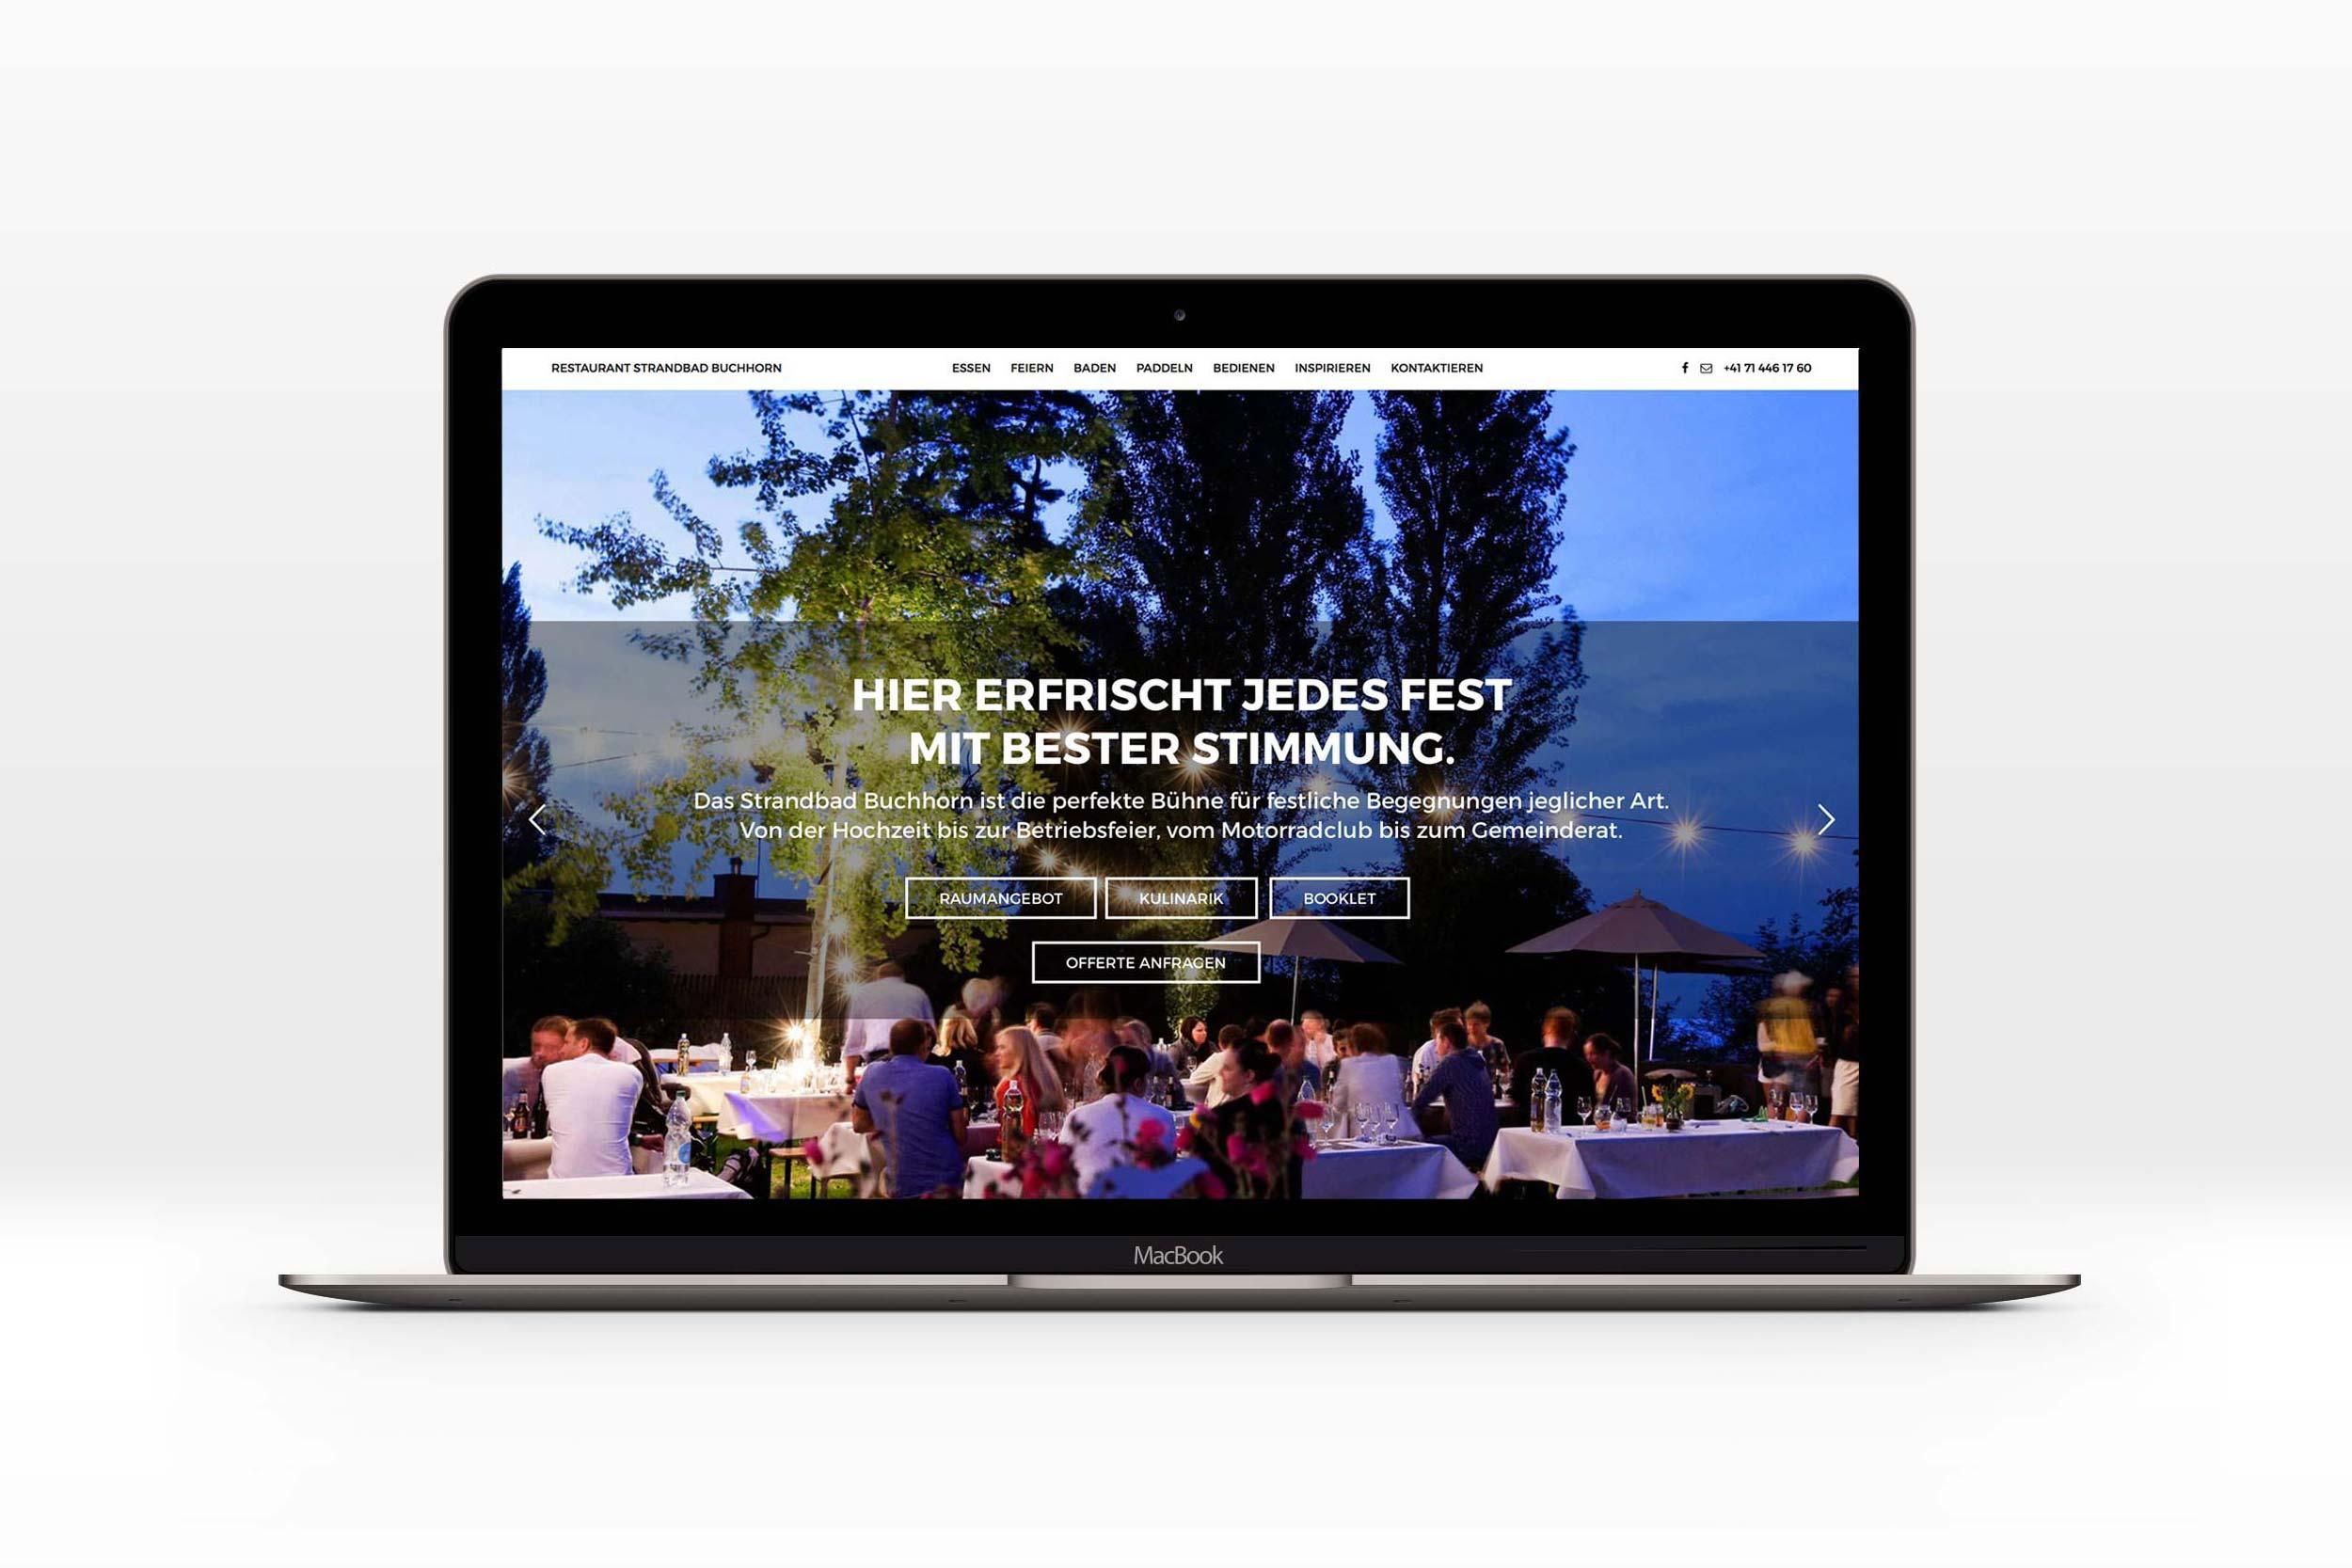 Bureau18 für Restaurant Strandbad Buchhorn